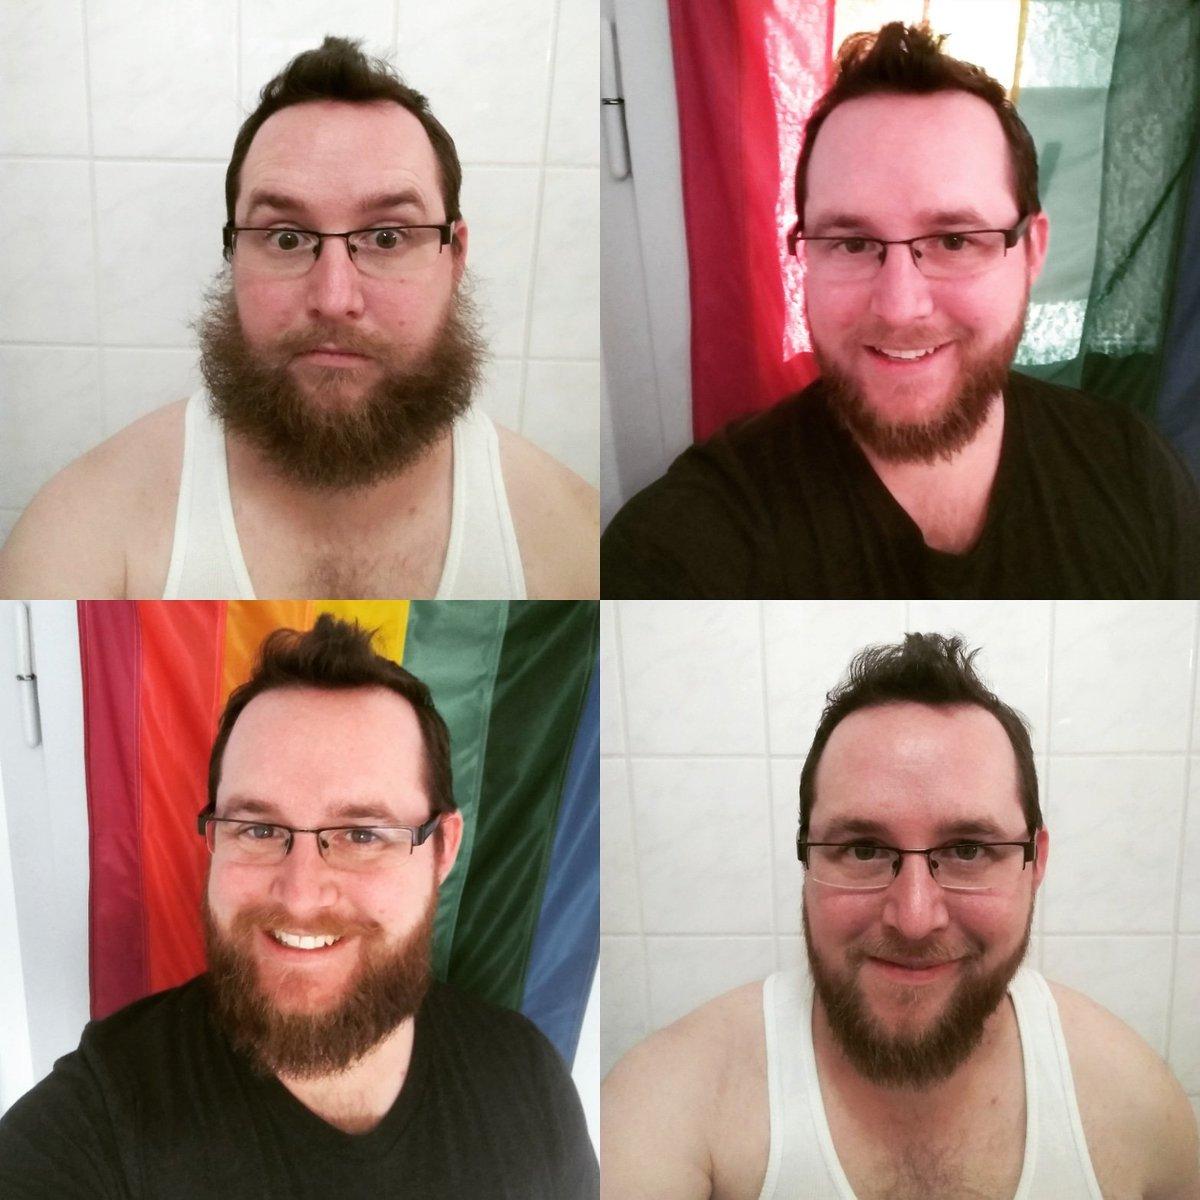 #vorher #nachher #barber #babier #Empfehlung #bart #winter #talvi #februar #beard #instabeard #beardgang #beardpower #gingerbeard #kaiserslautern #kakenloken #rocketmanbarbershop #htrend #gay #chesthair #hairychest #spiceboy #shirt #fleetwoodmac #rainbow #wild #tamed #barberedpic.twitter.com/yN8g9zVtq4